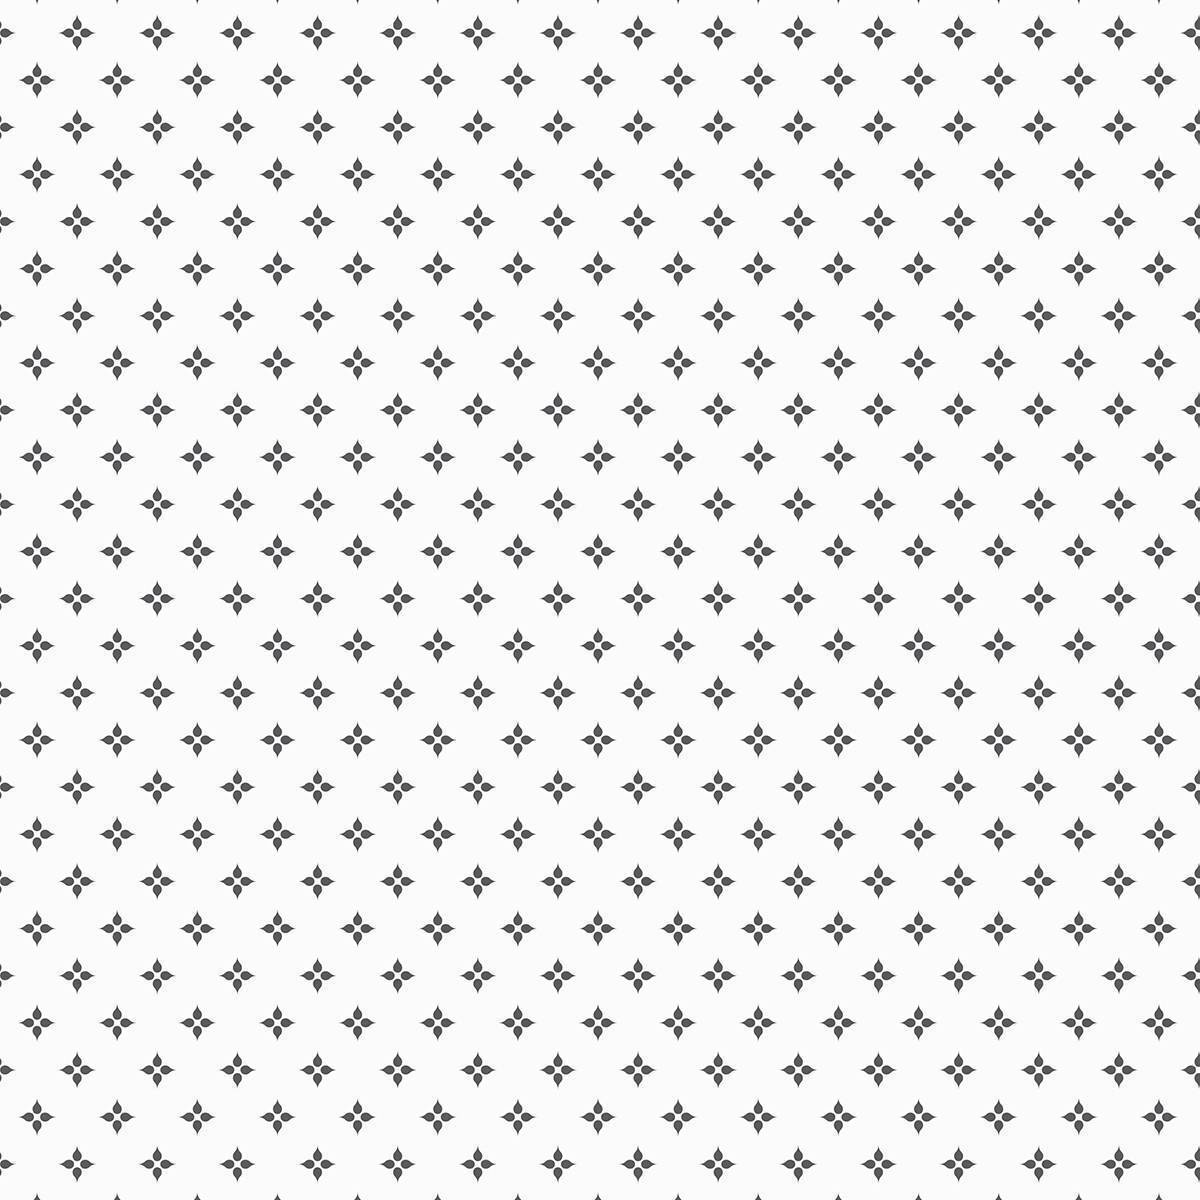 Papel de Parede Estrelinhas | Adesivo Vinílico imagem 1